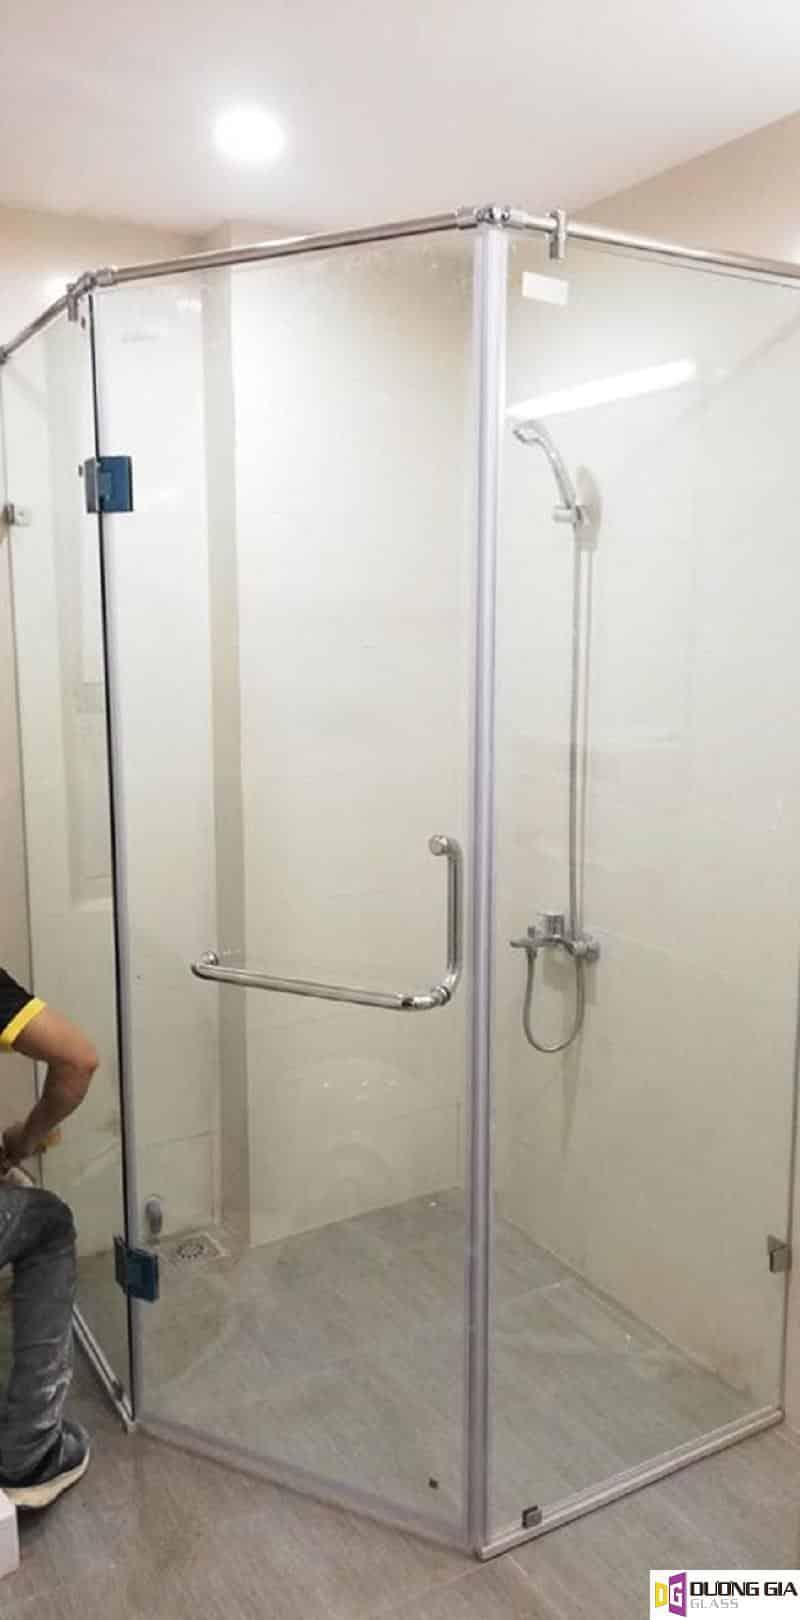 Cabin phòng tắm kính 135 độ mẫu 6